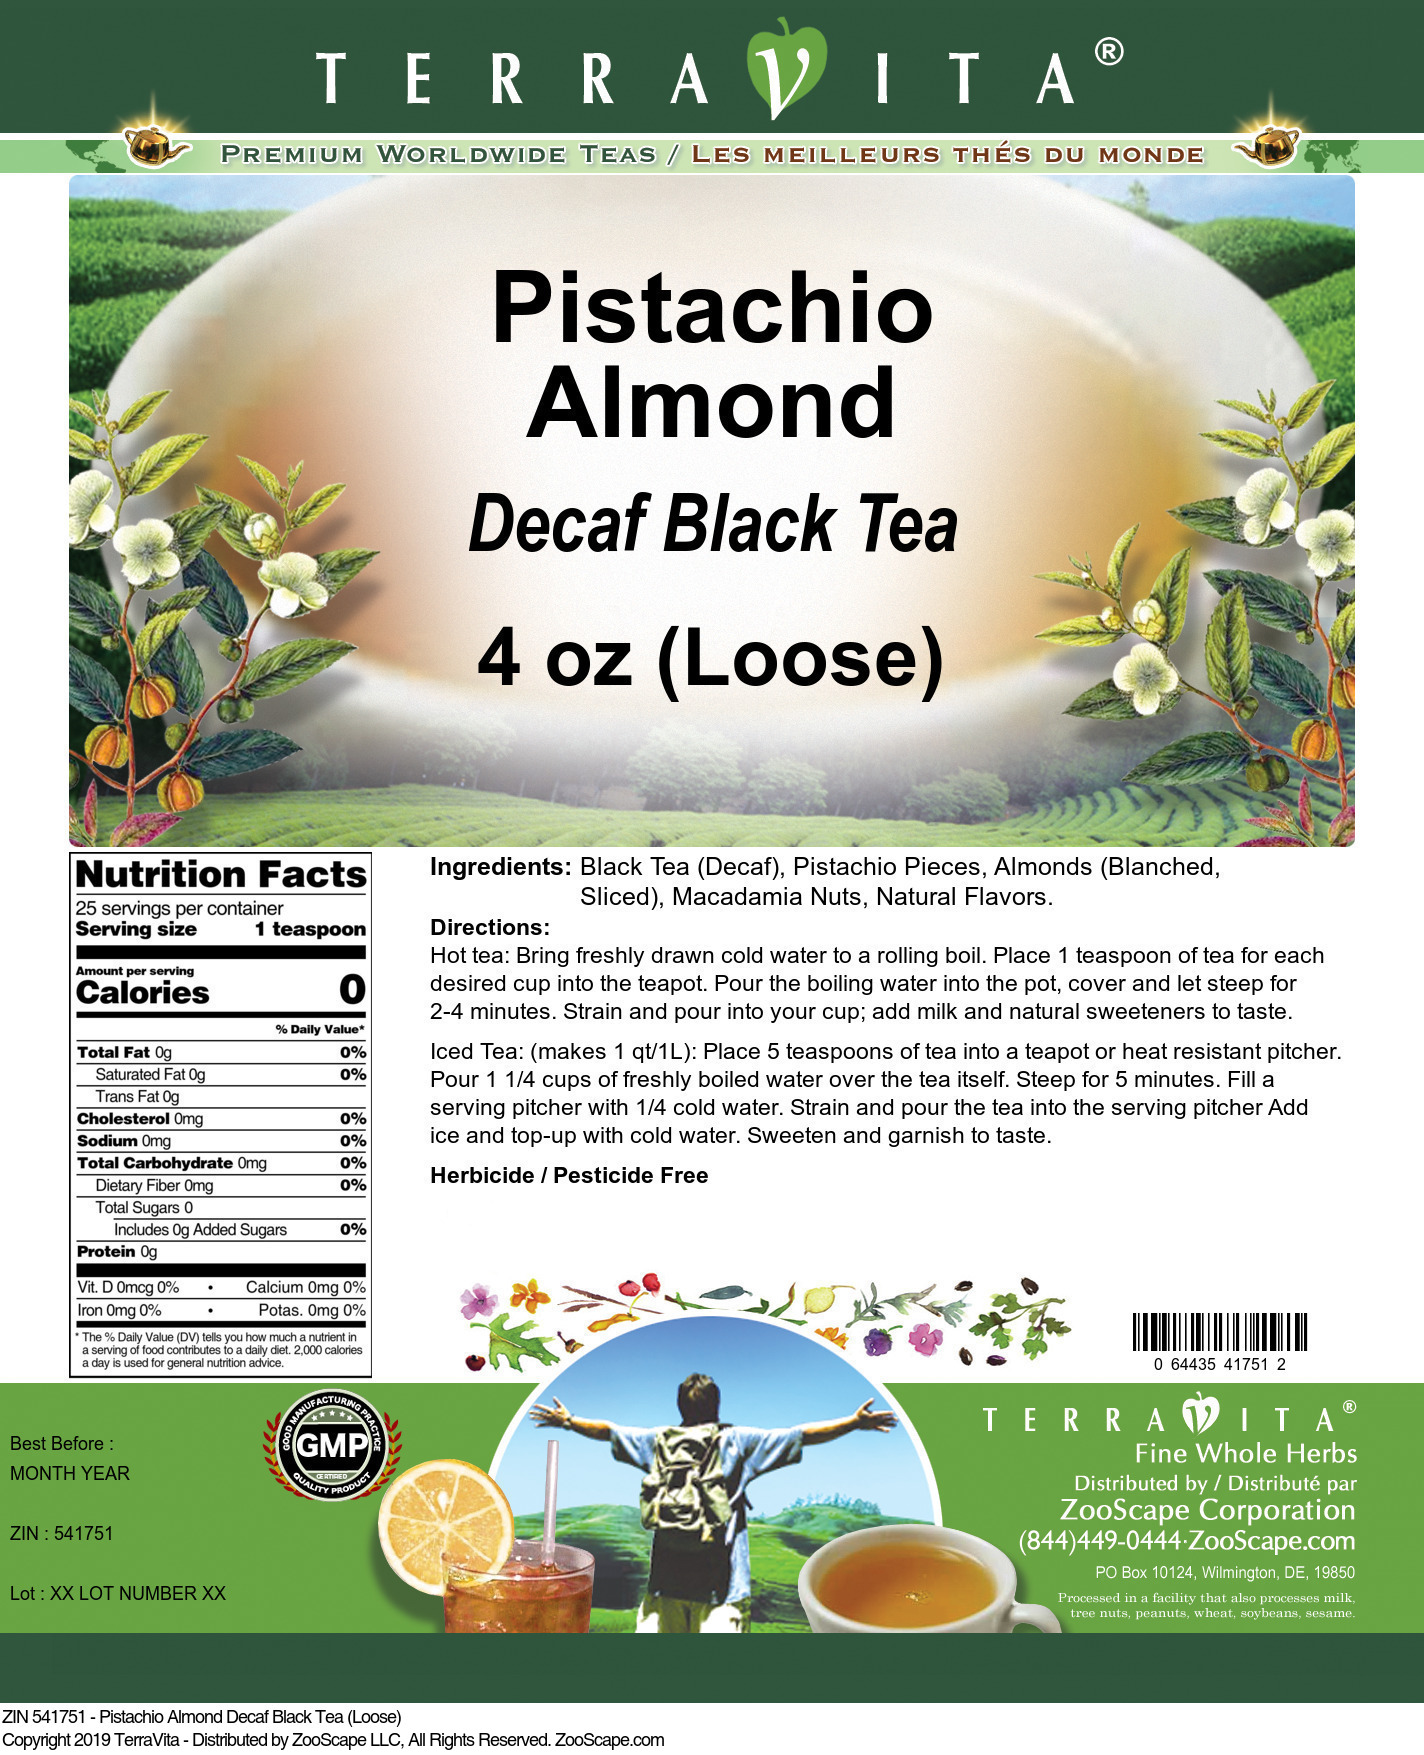 Pistachio Almond Decaf Black Tea (Loose)